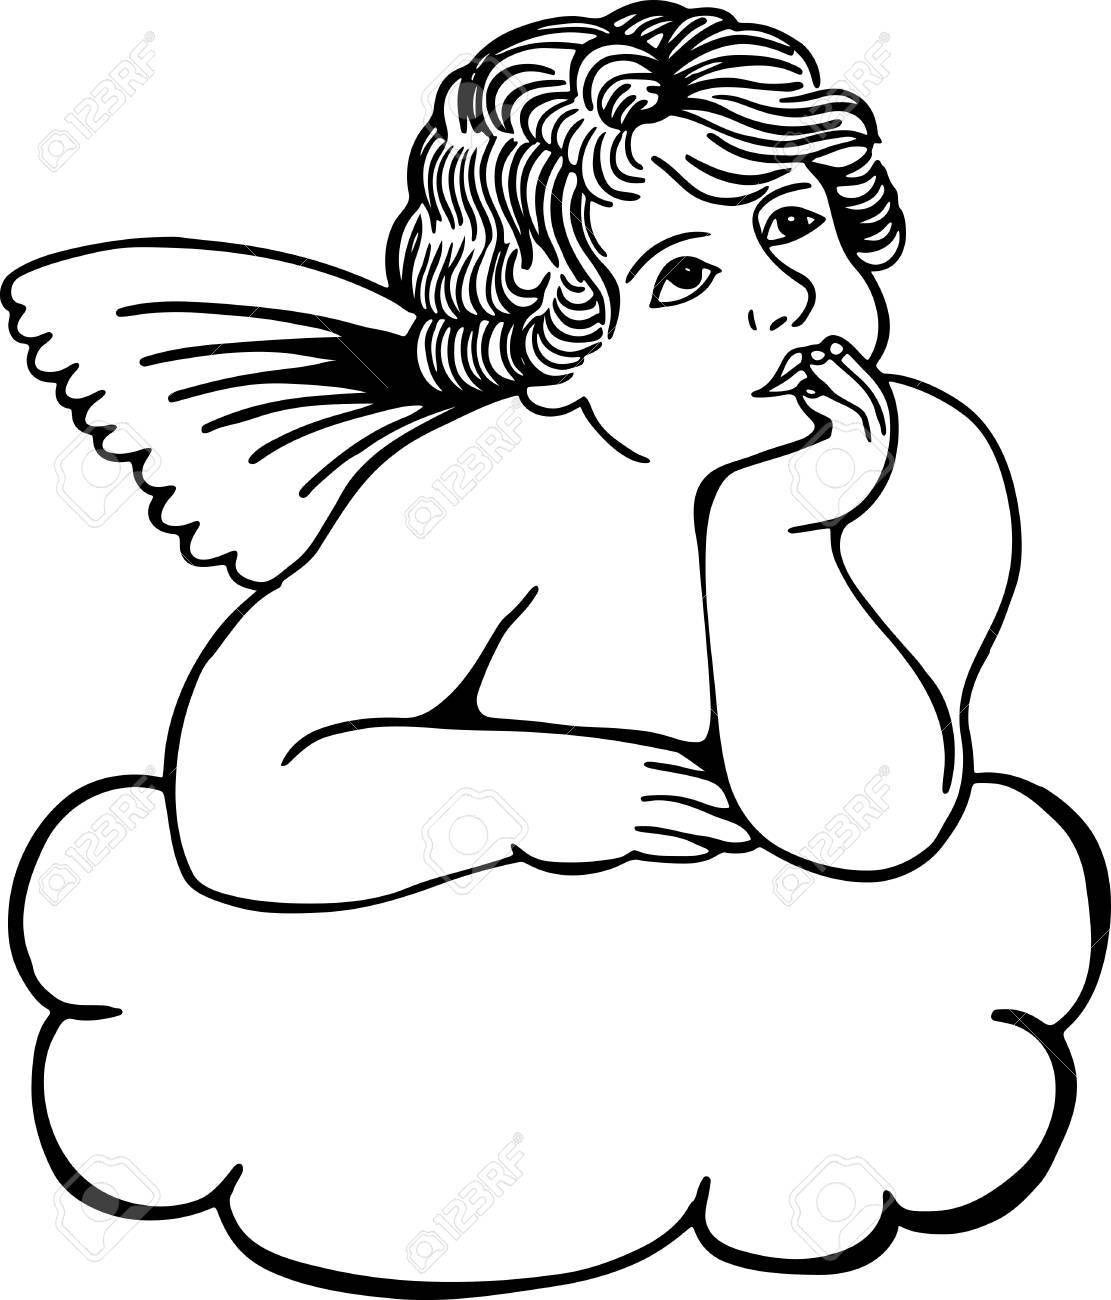 Illustration en noir et blanc simple sur une rêverie chérubin sur un